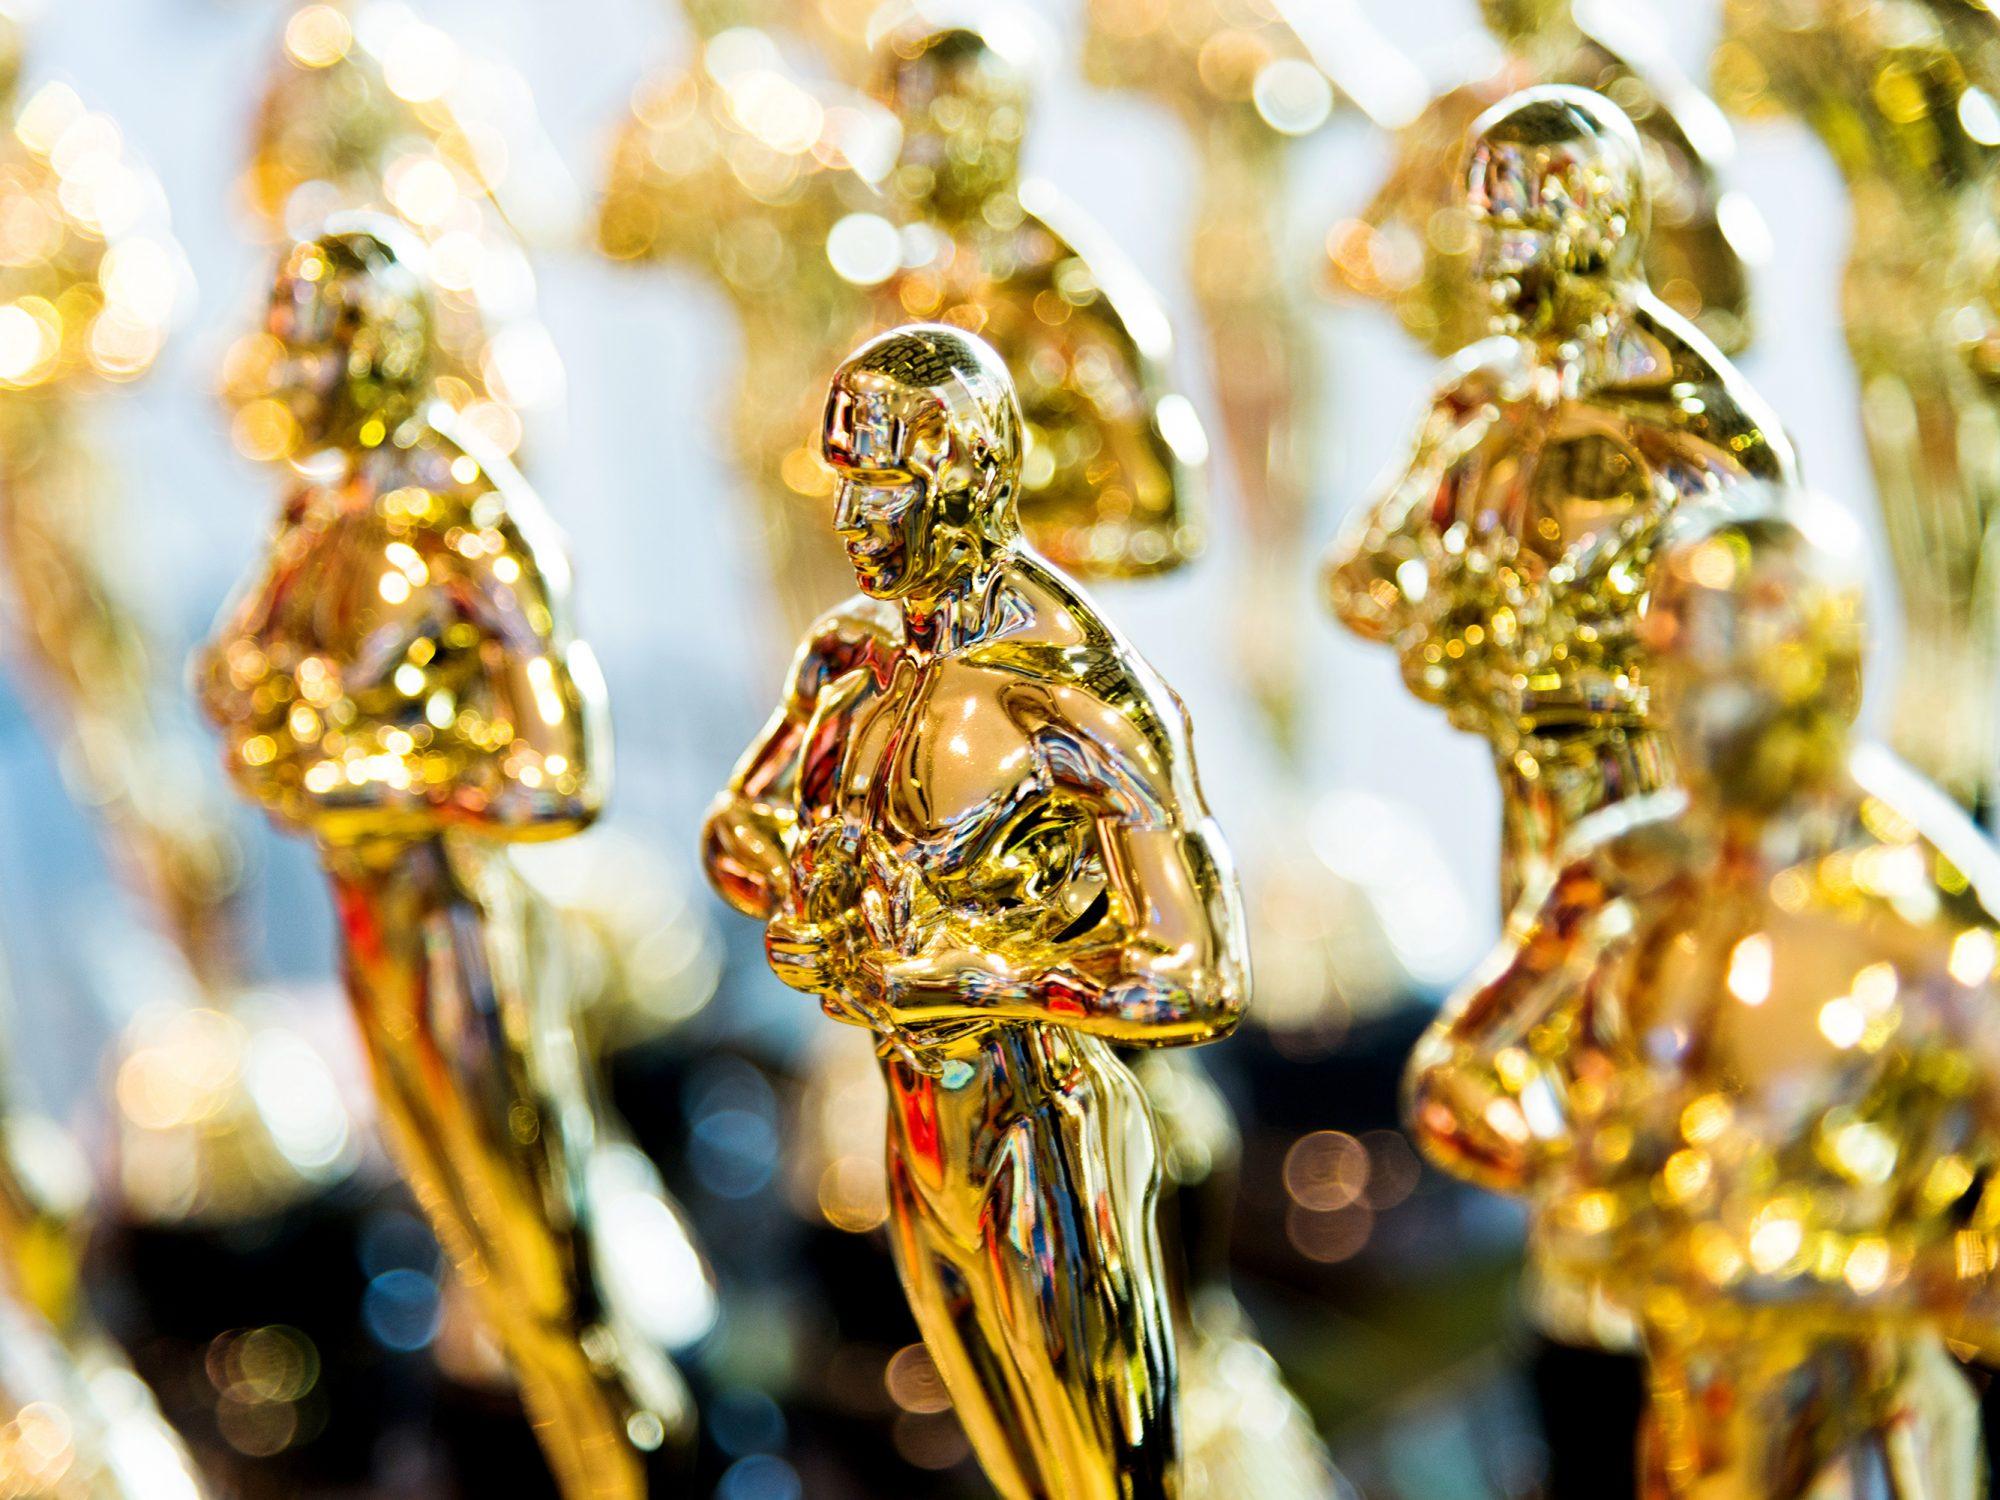 We've Got Award-Worthy Meals for Your Favorite Oscar Nominated Films